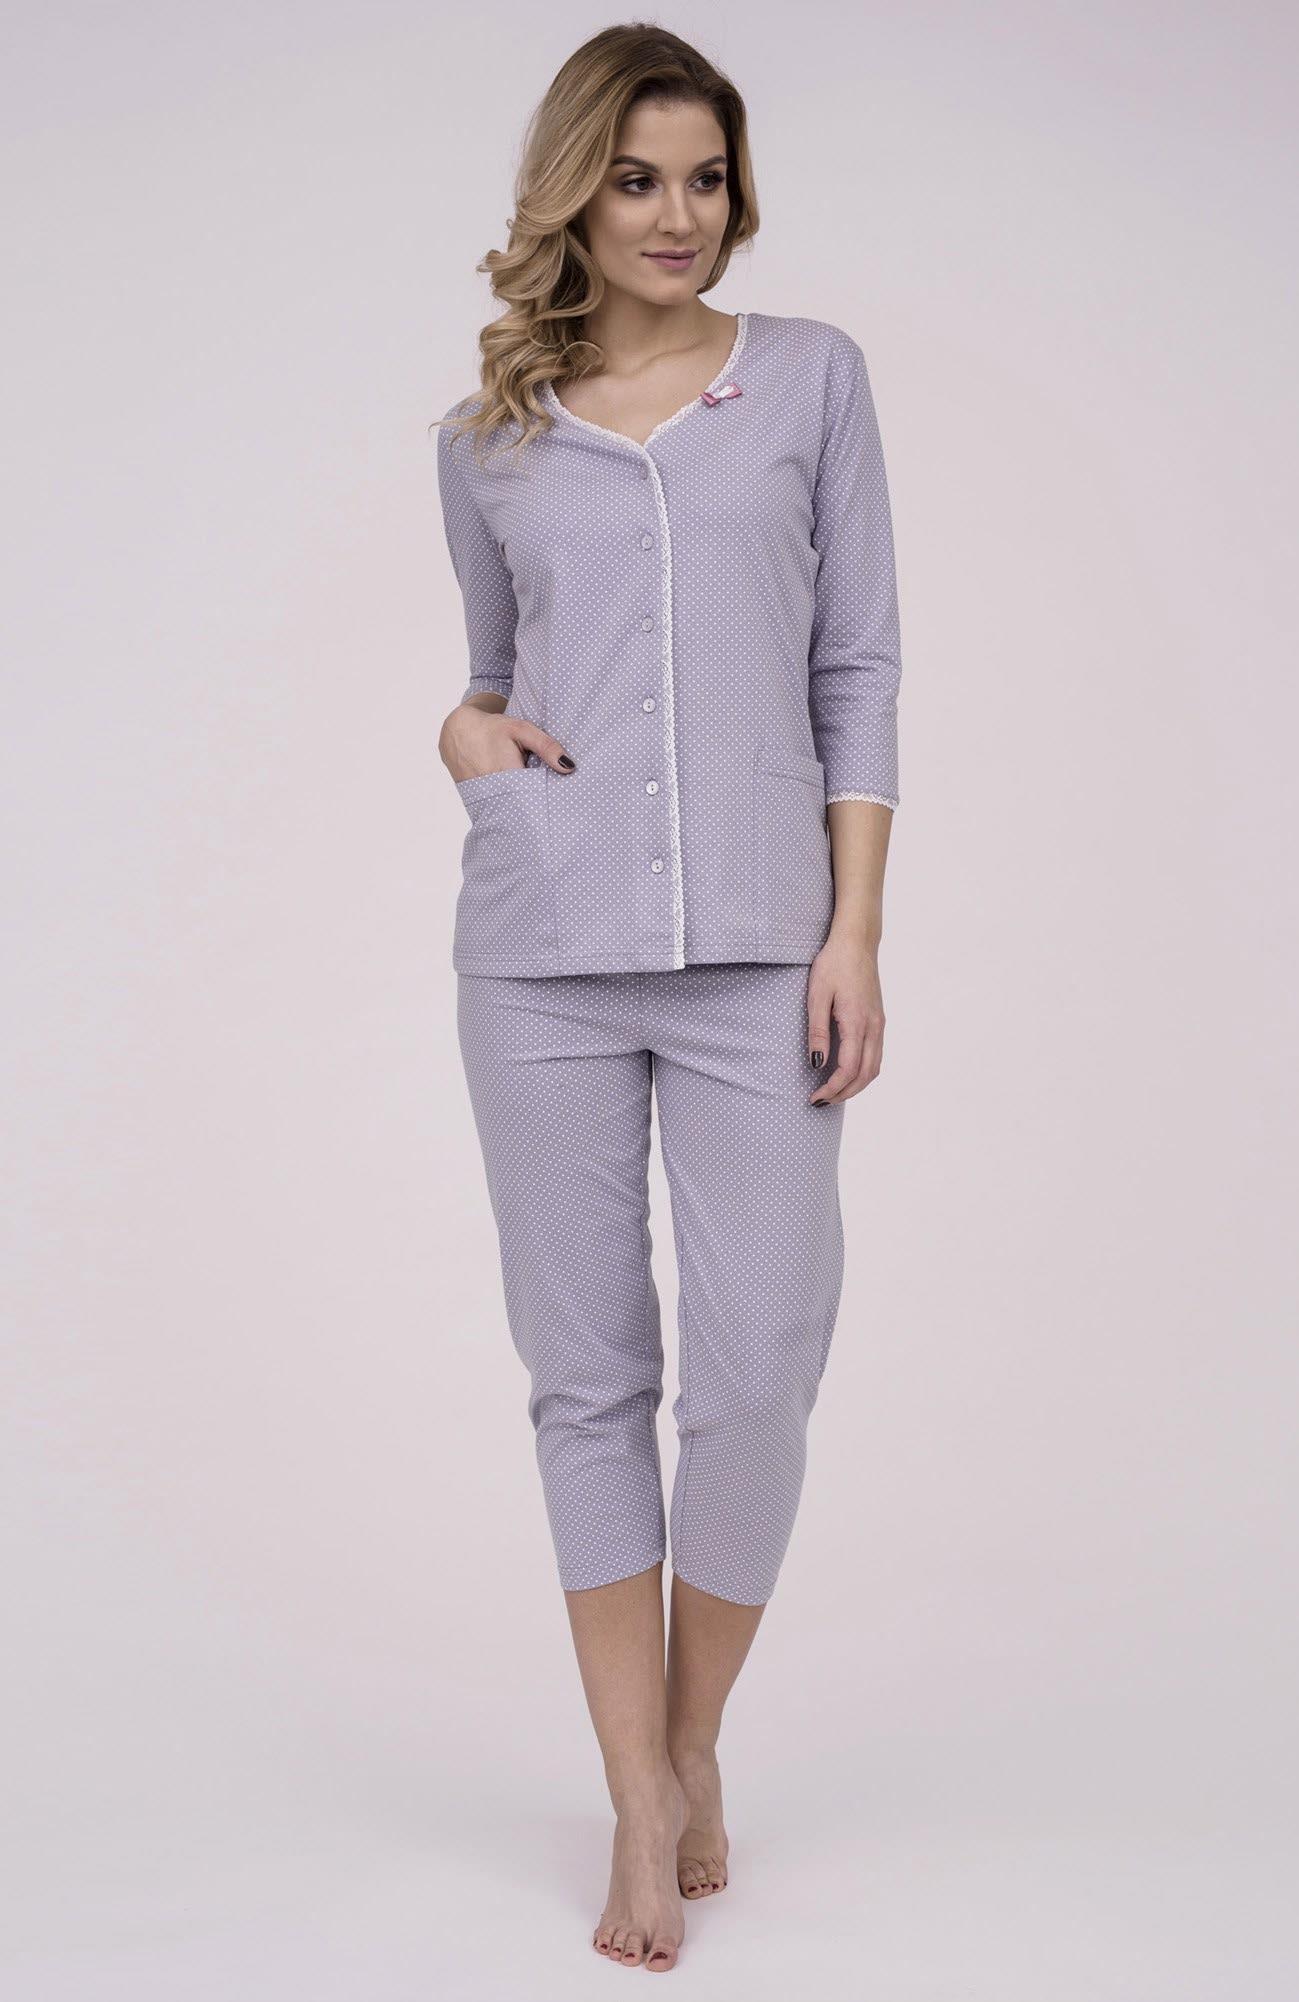 1fadb9807dd5 Dámske bavlnené pyžamo Cana 174. Prinášame Vám novú kolekciu dámske pyžamá  jar-leto 2018